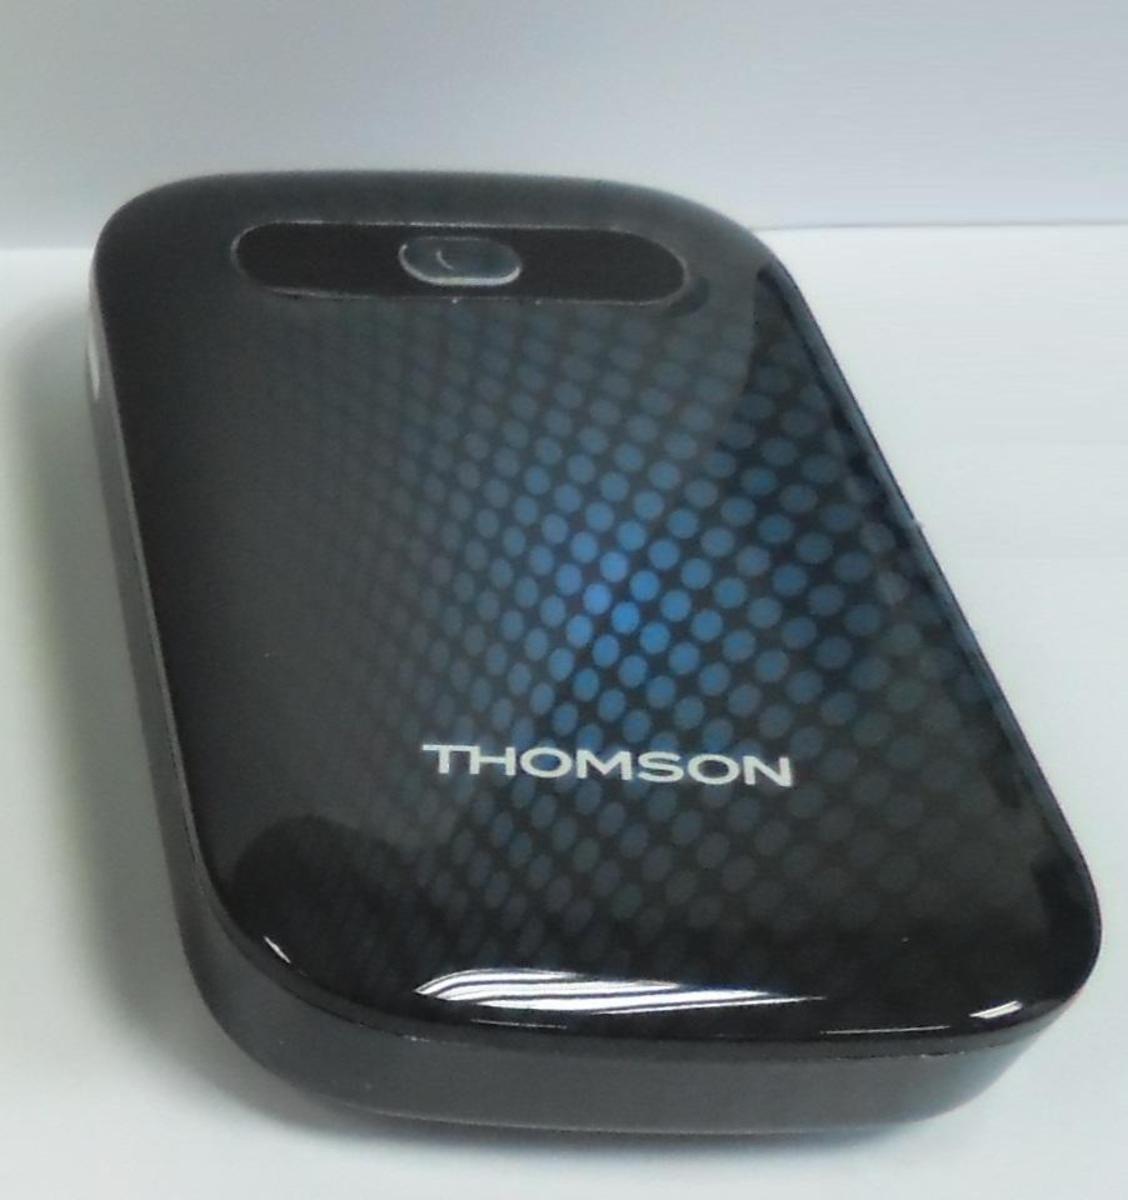 7800mAh 流動充電器, TH-TDP33008 藍色